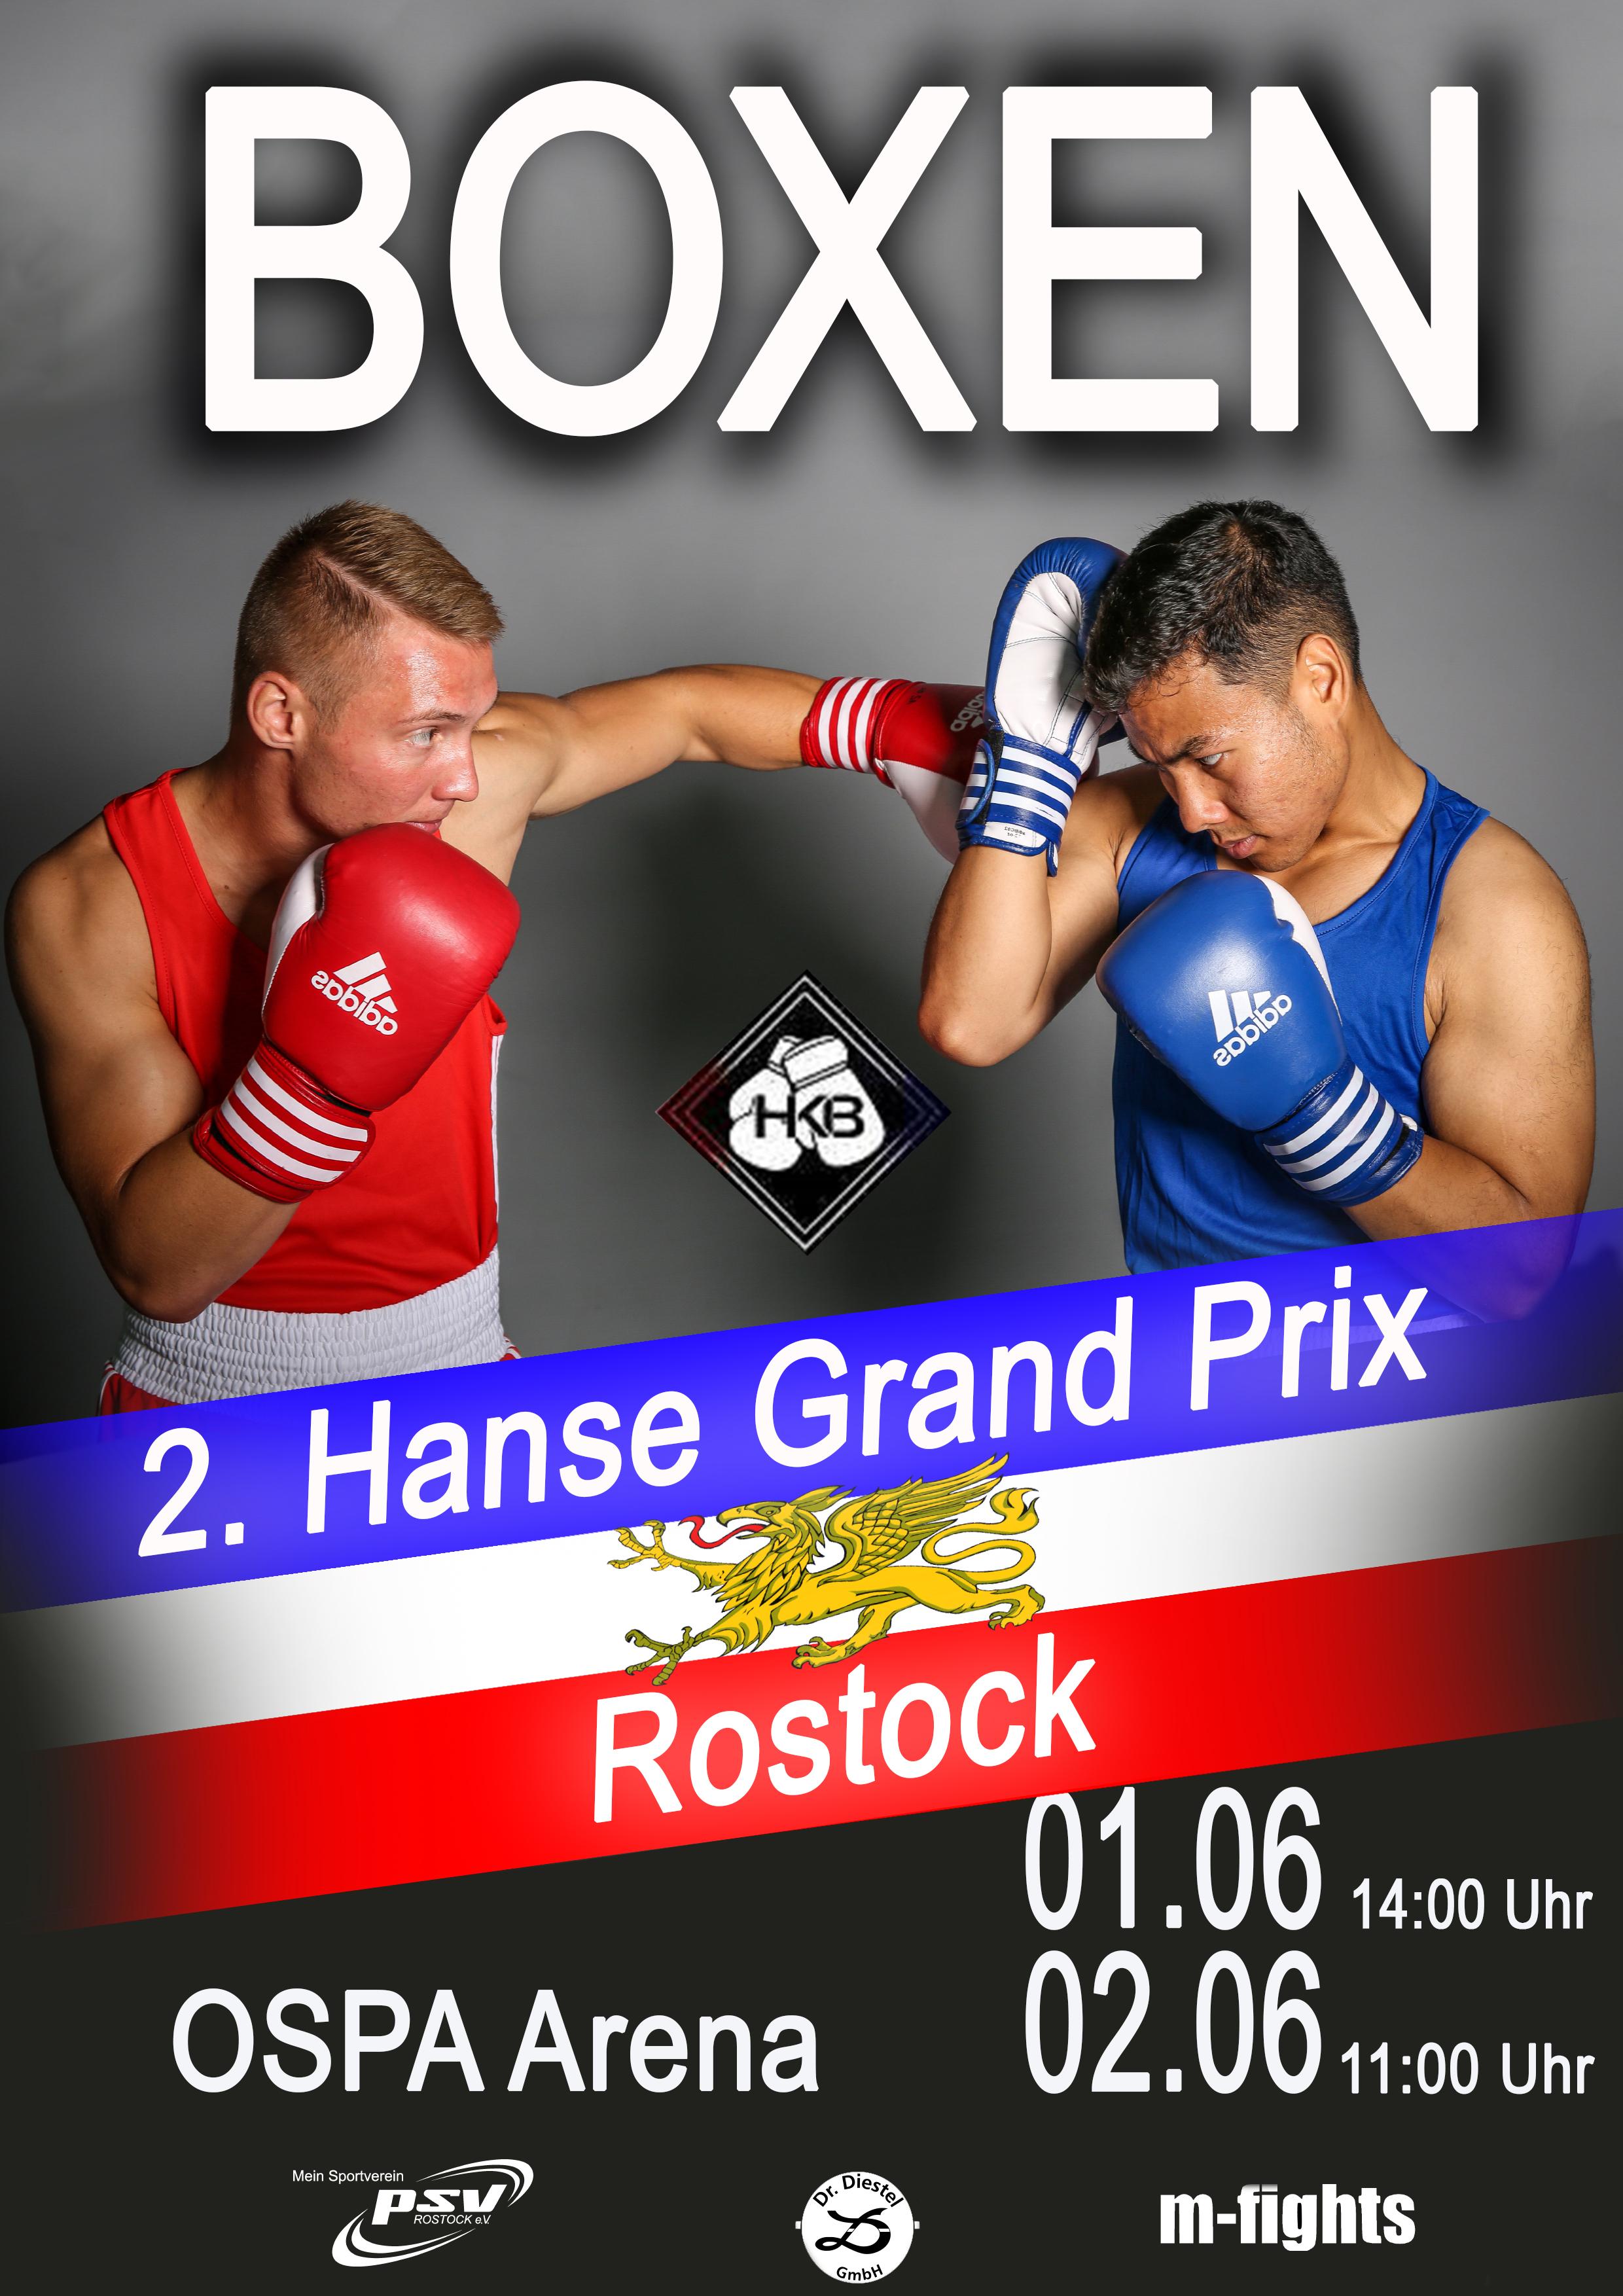 2. Hanse Grand Prix Boxen 2019